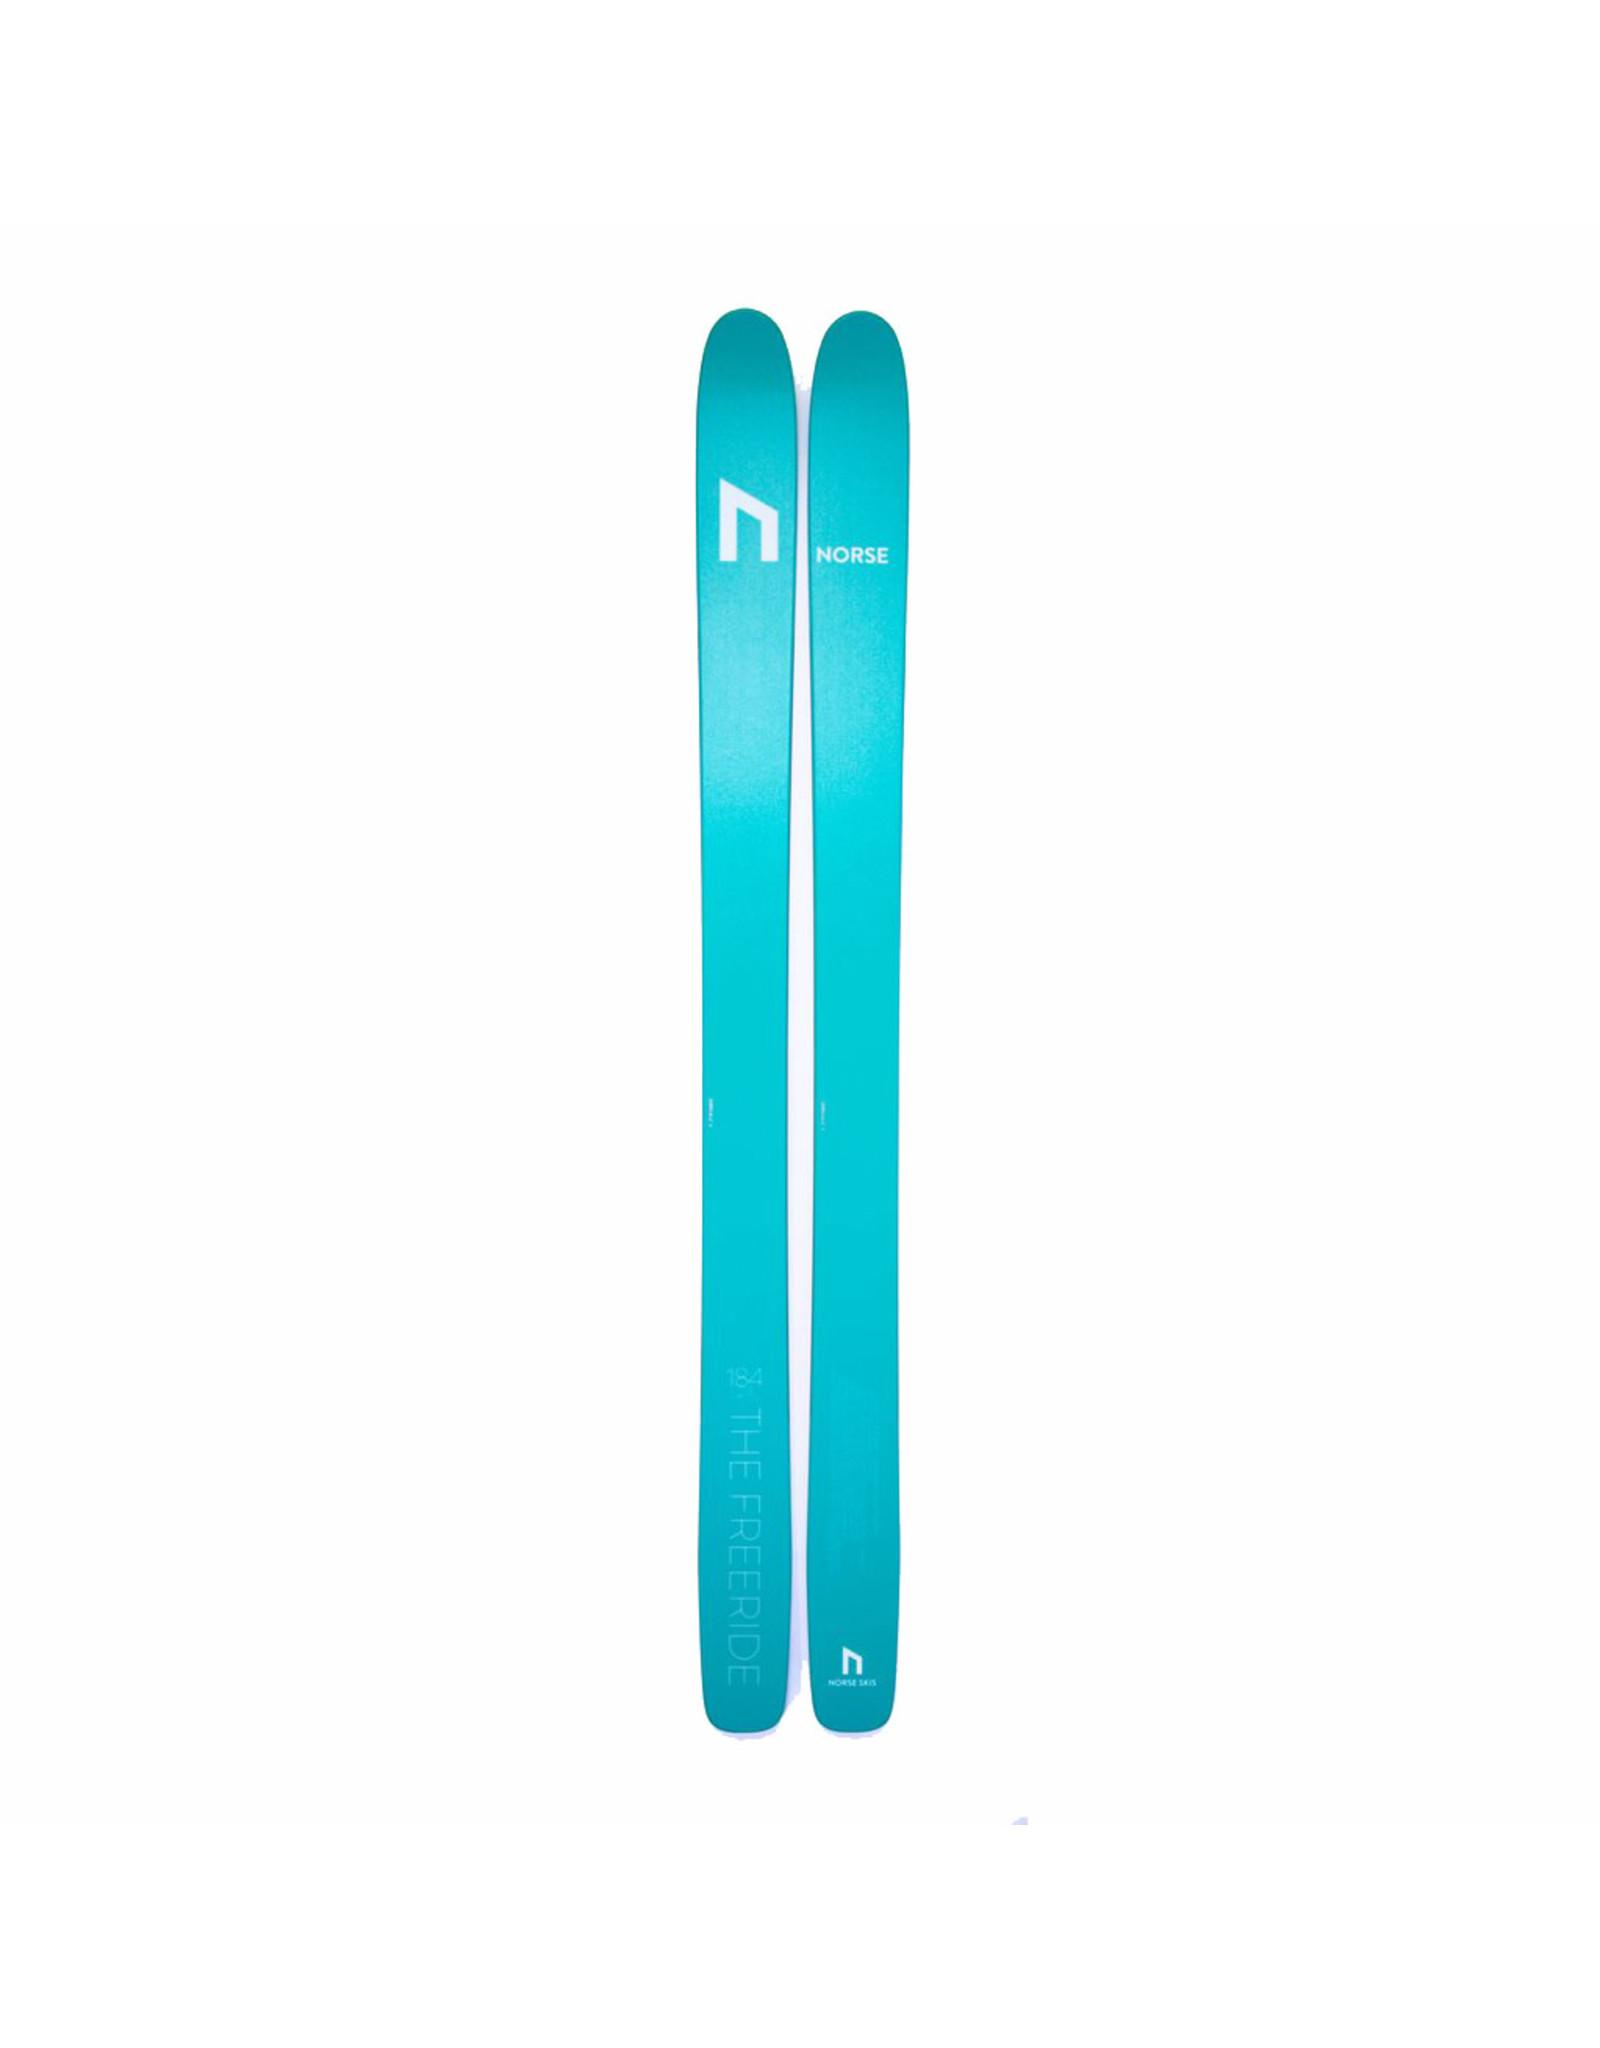 Norse Norse Freeride Ski